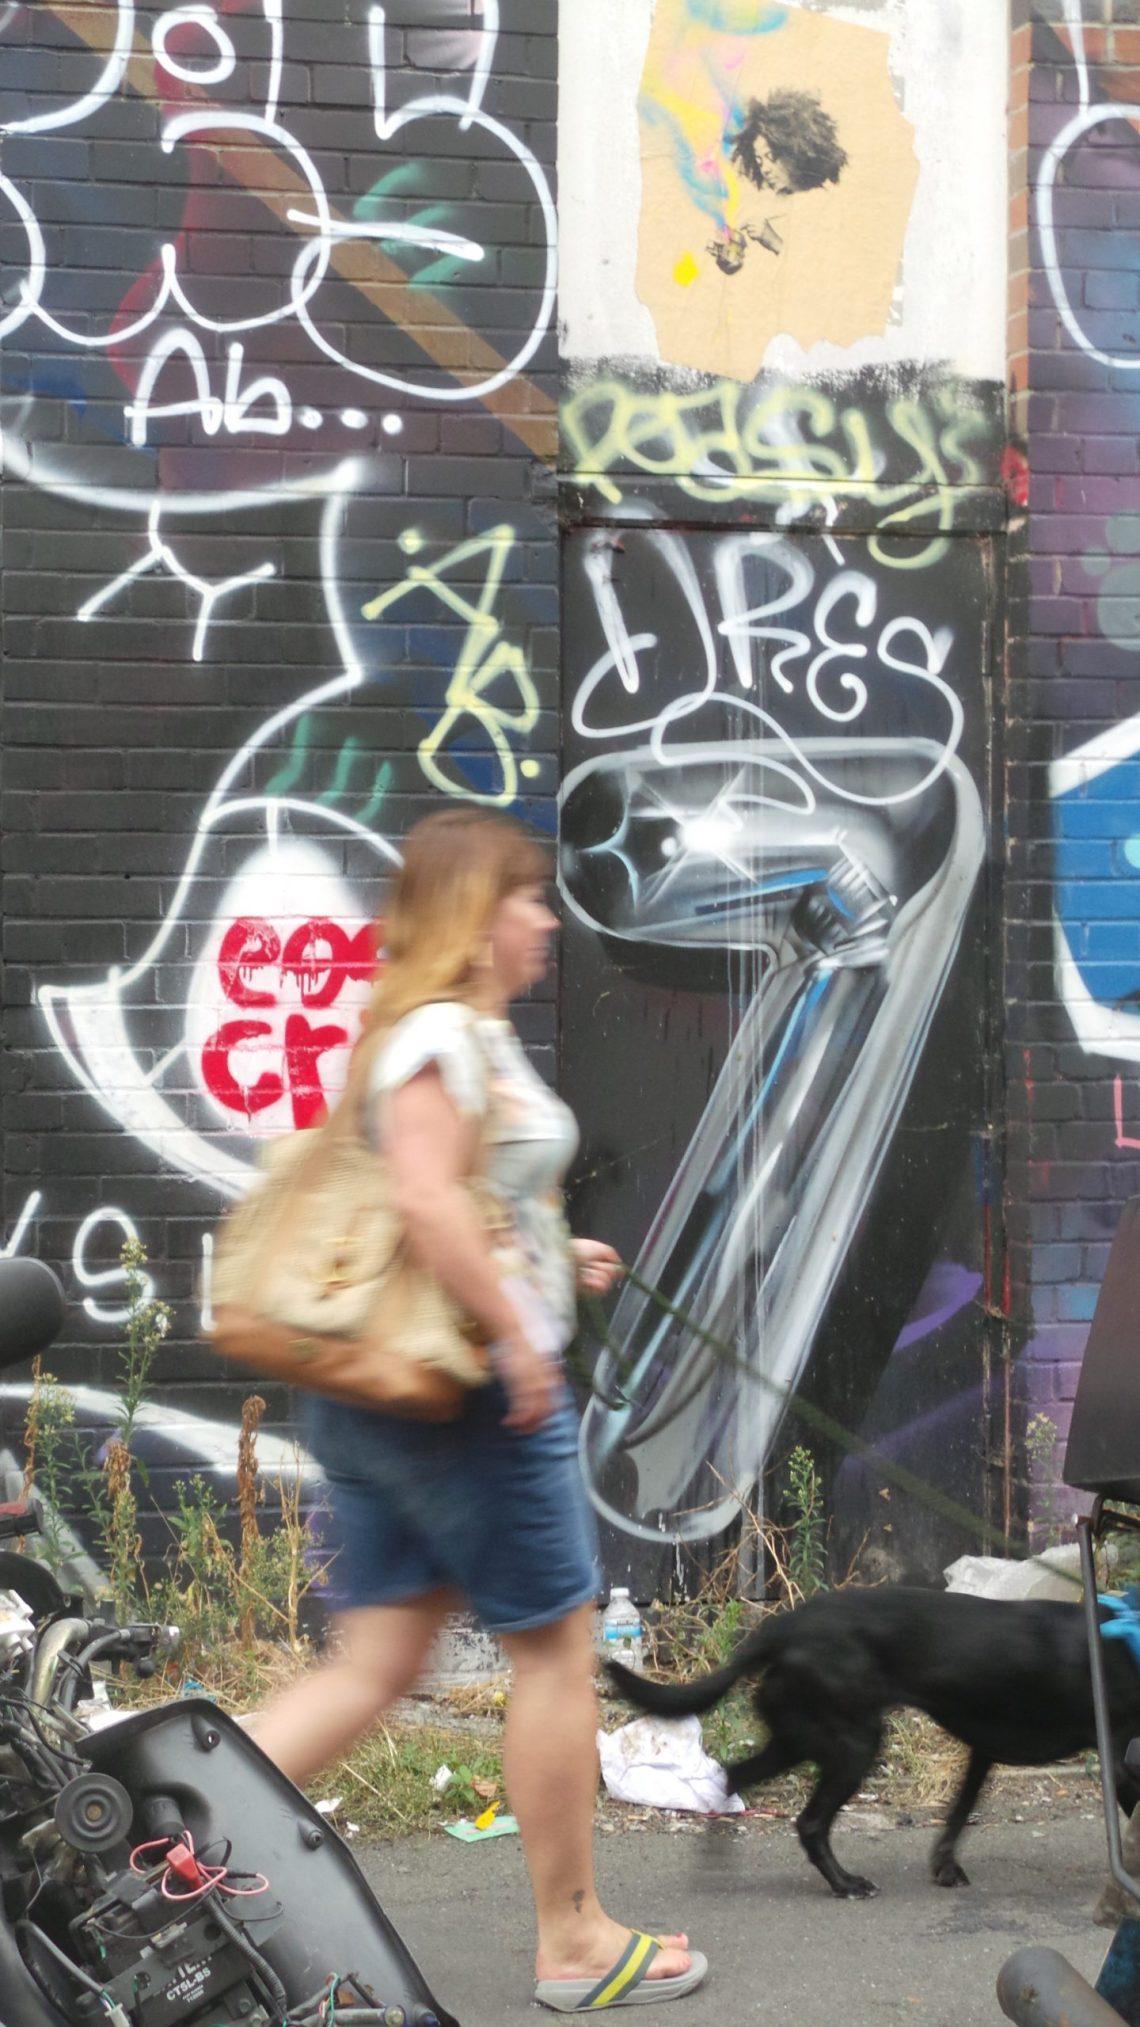 Street art by Fanakapan on Clare Street in Bethnal Green